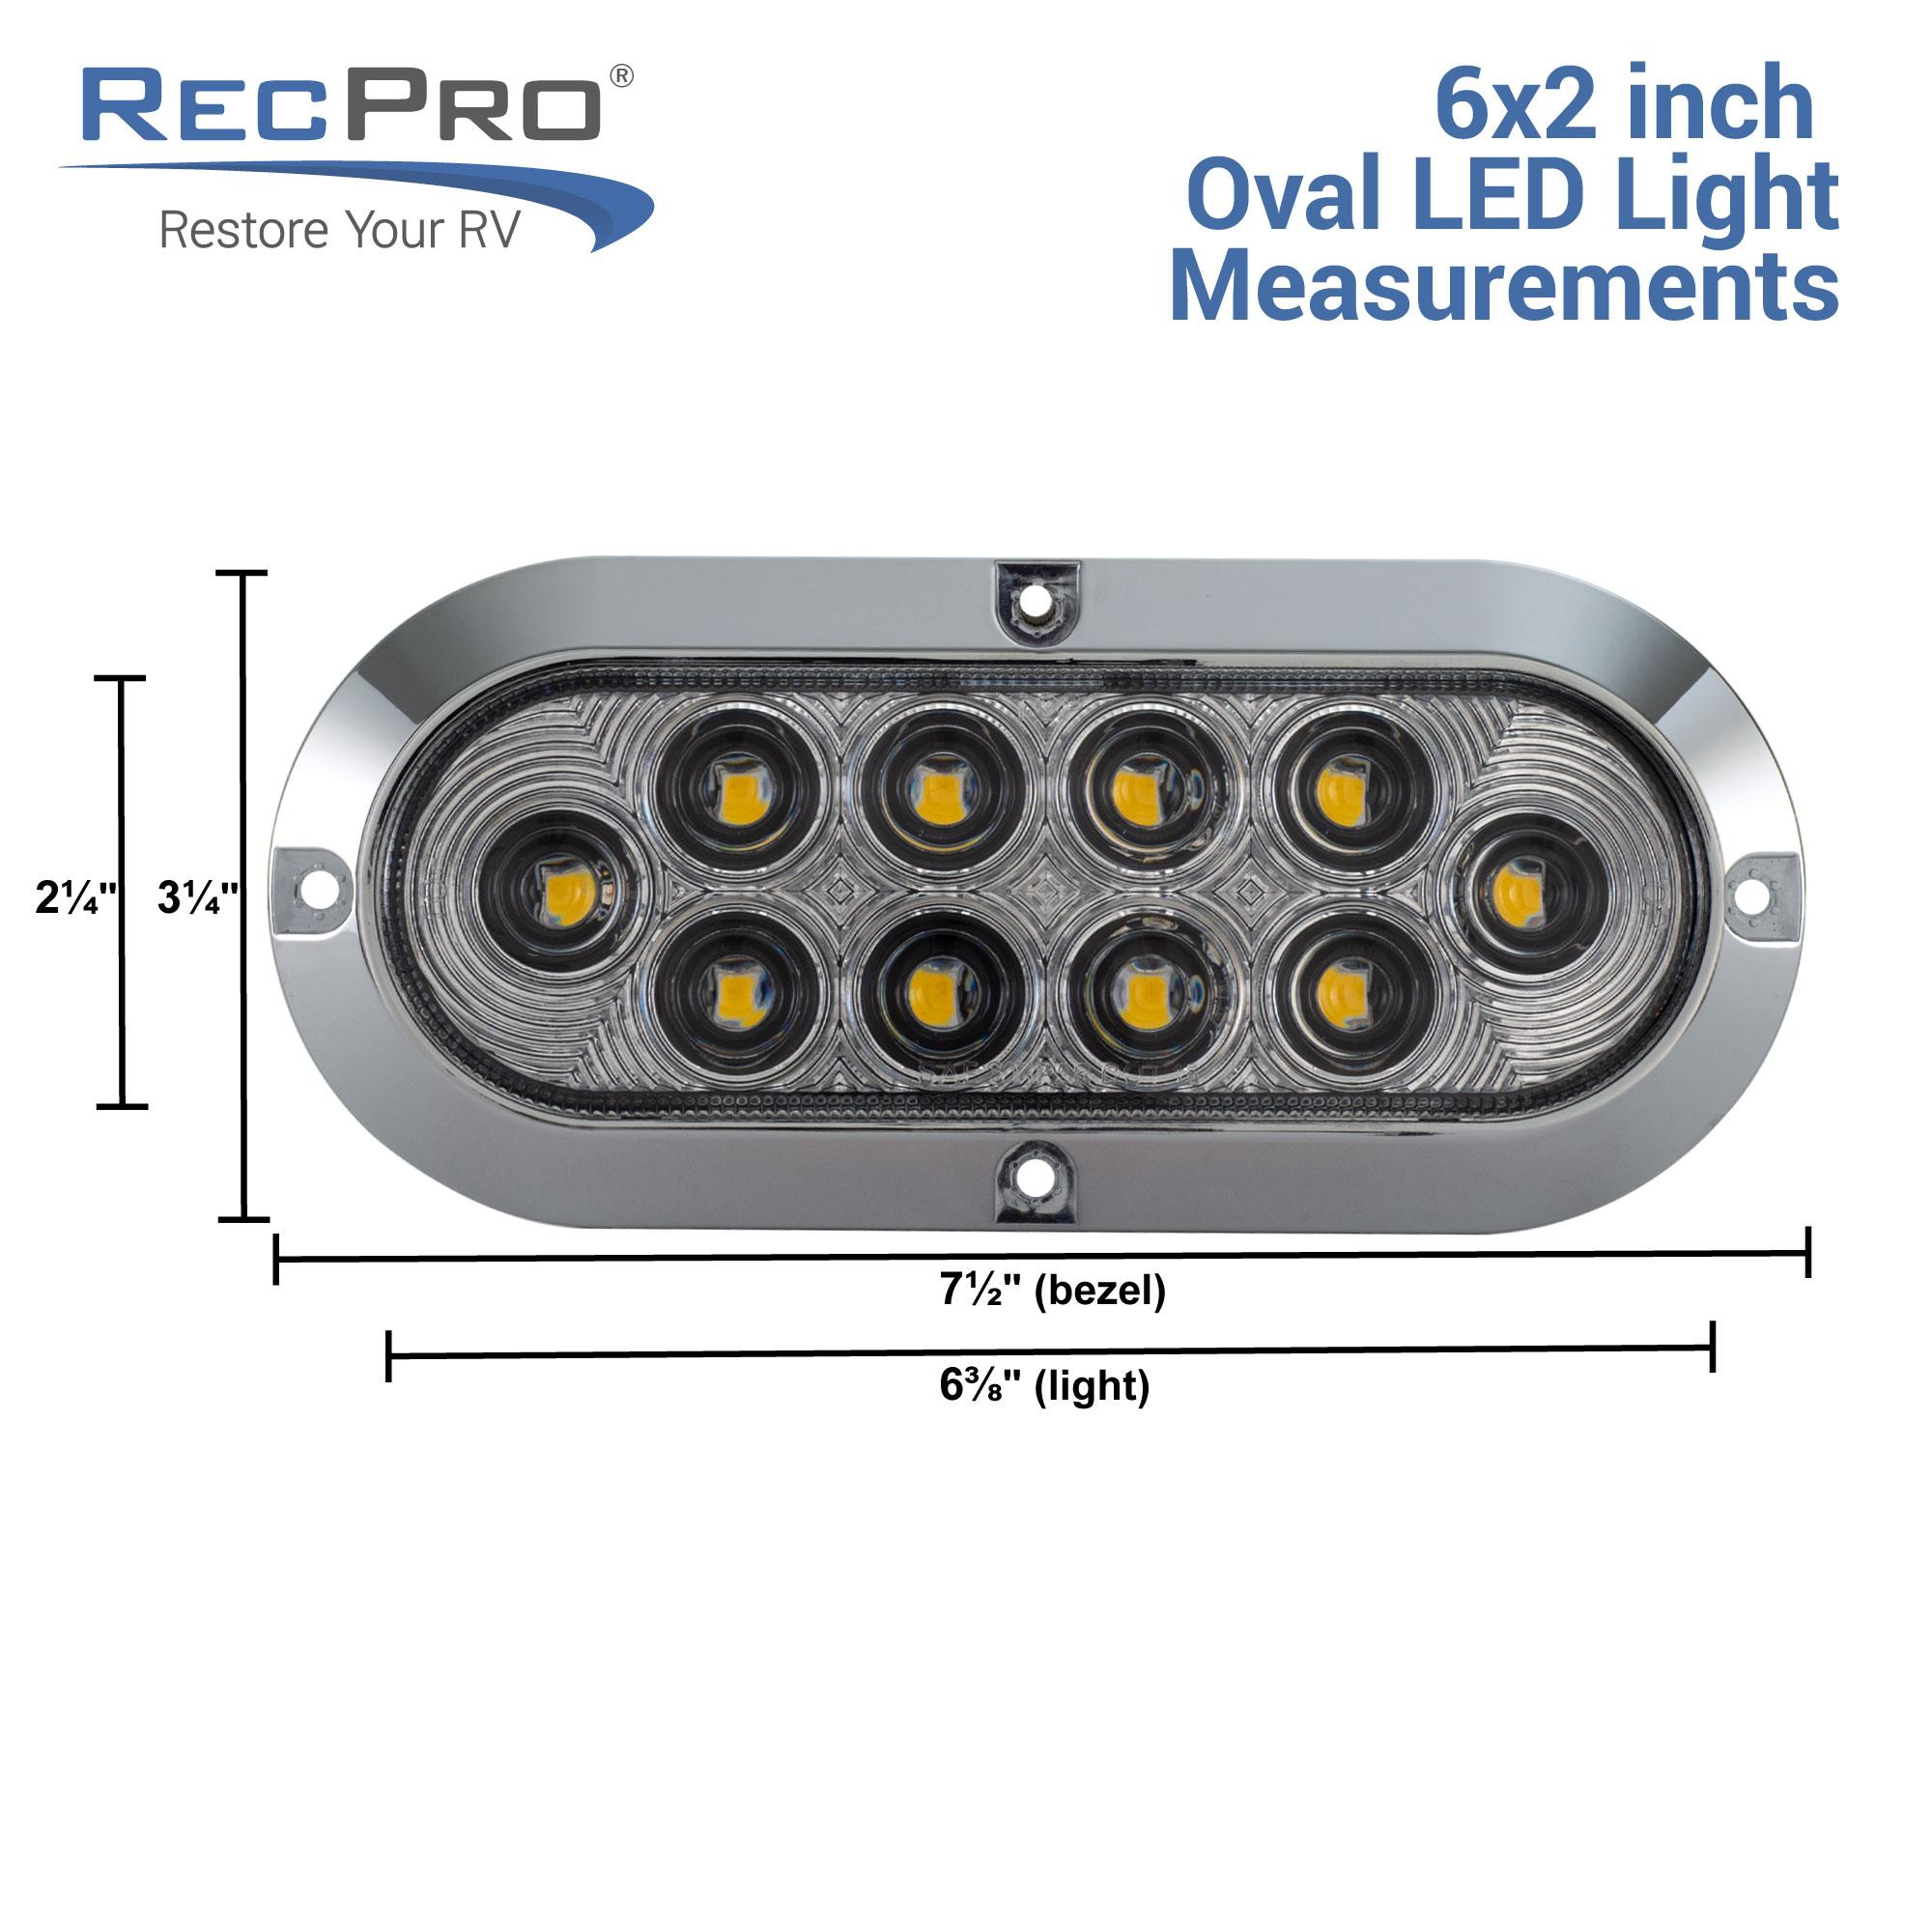 6-in-oval-surface-mount-led-light-el-106810-measurements.jpg